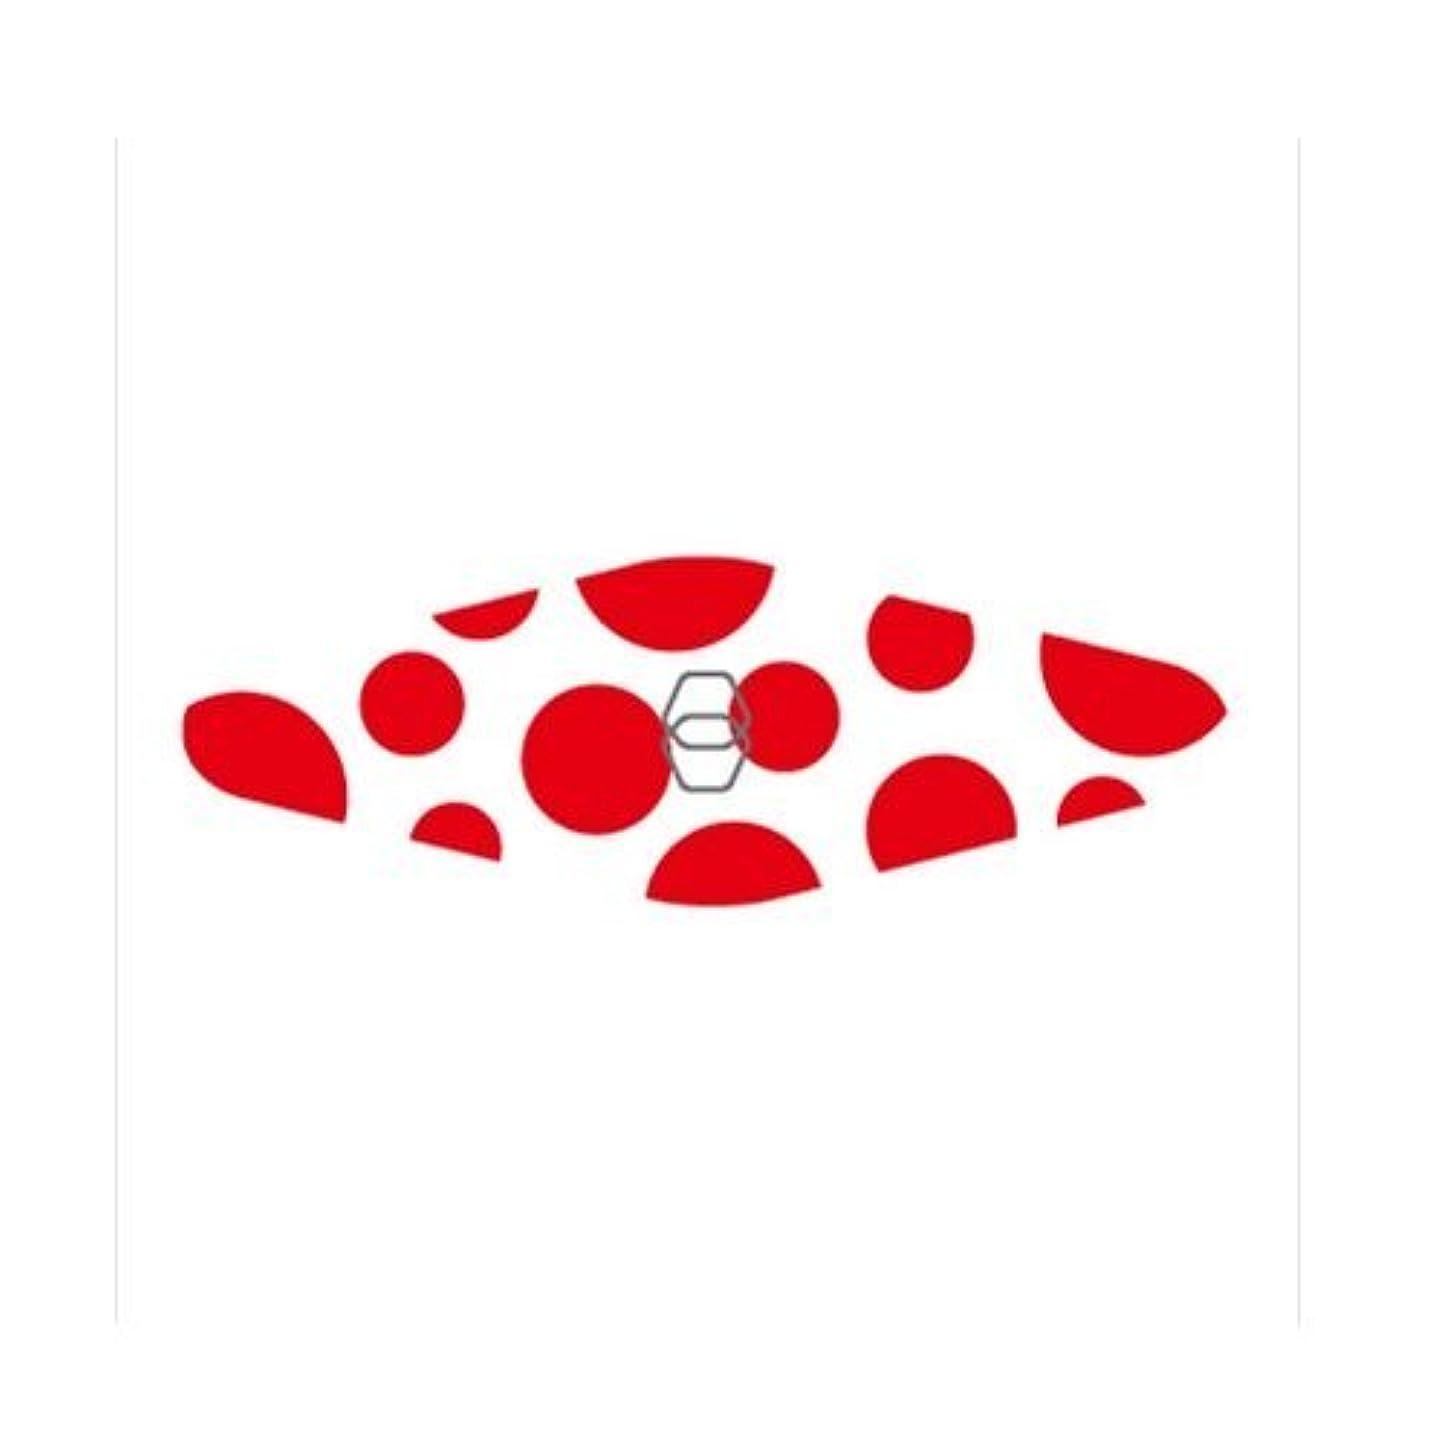 後方に担保水素GOEI DIAMOND ダイヤモンド爪やすり キャリー(赤ドット)